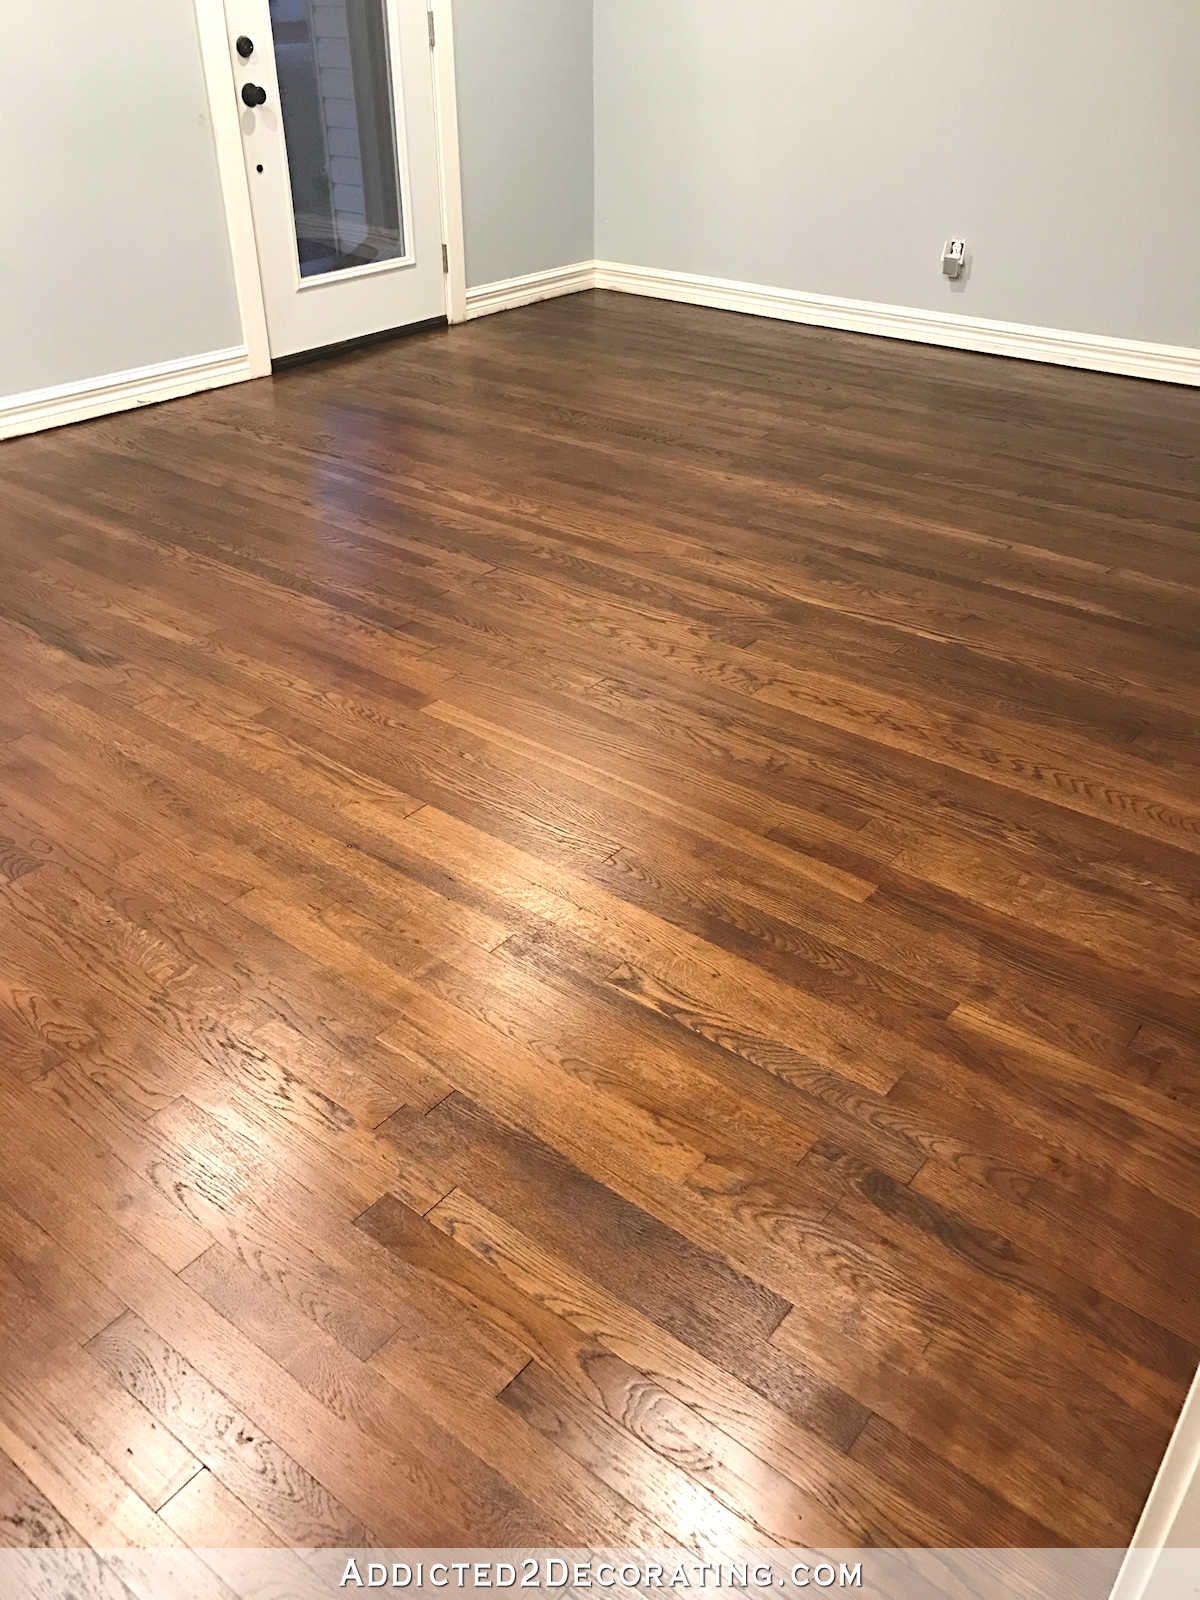 Refinishing Red Oak Hardwood Floors